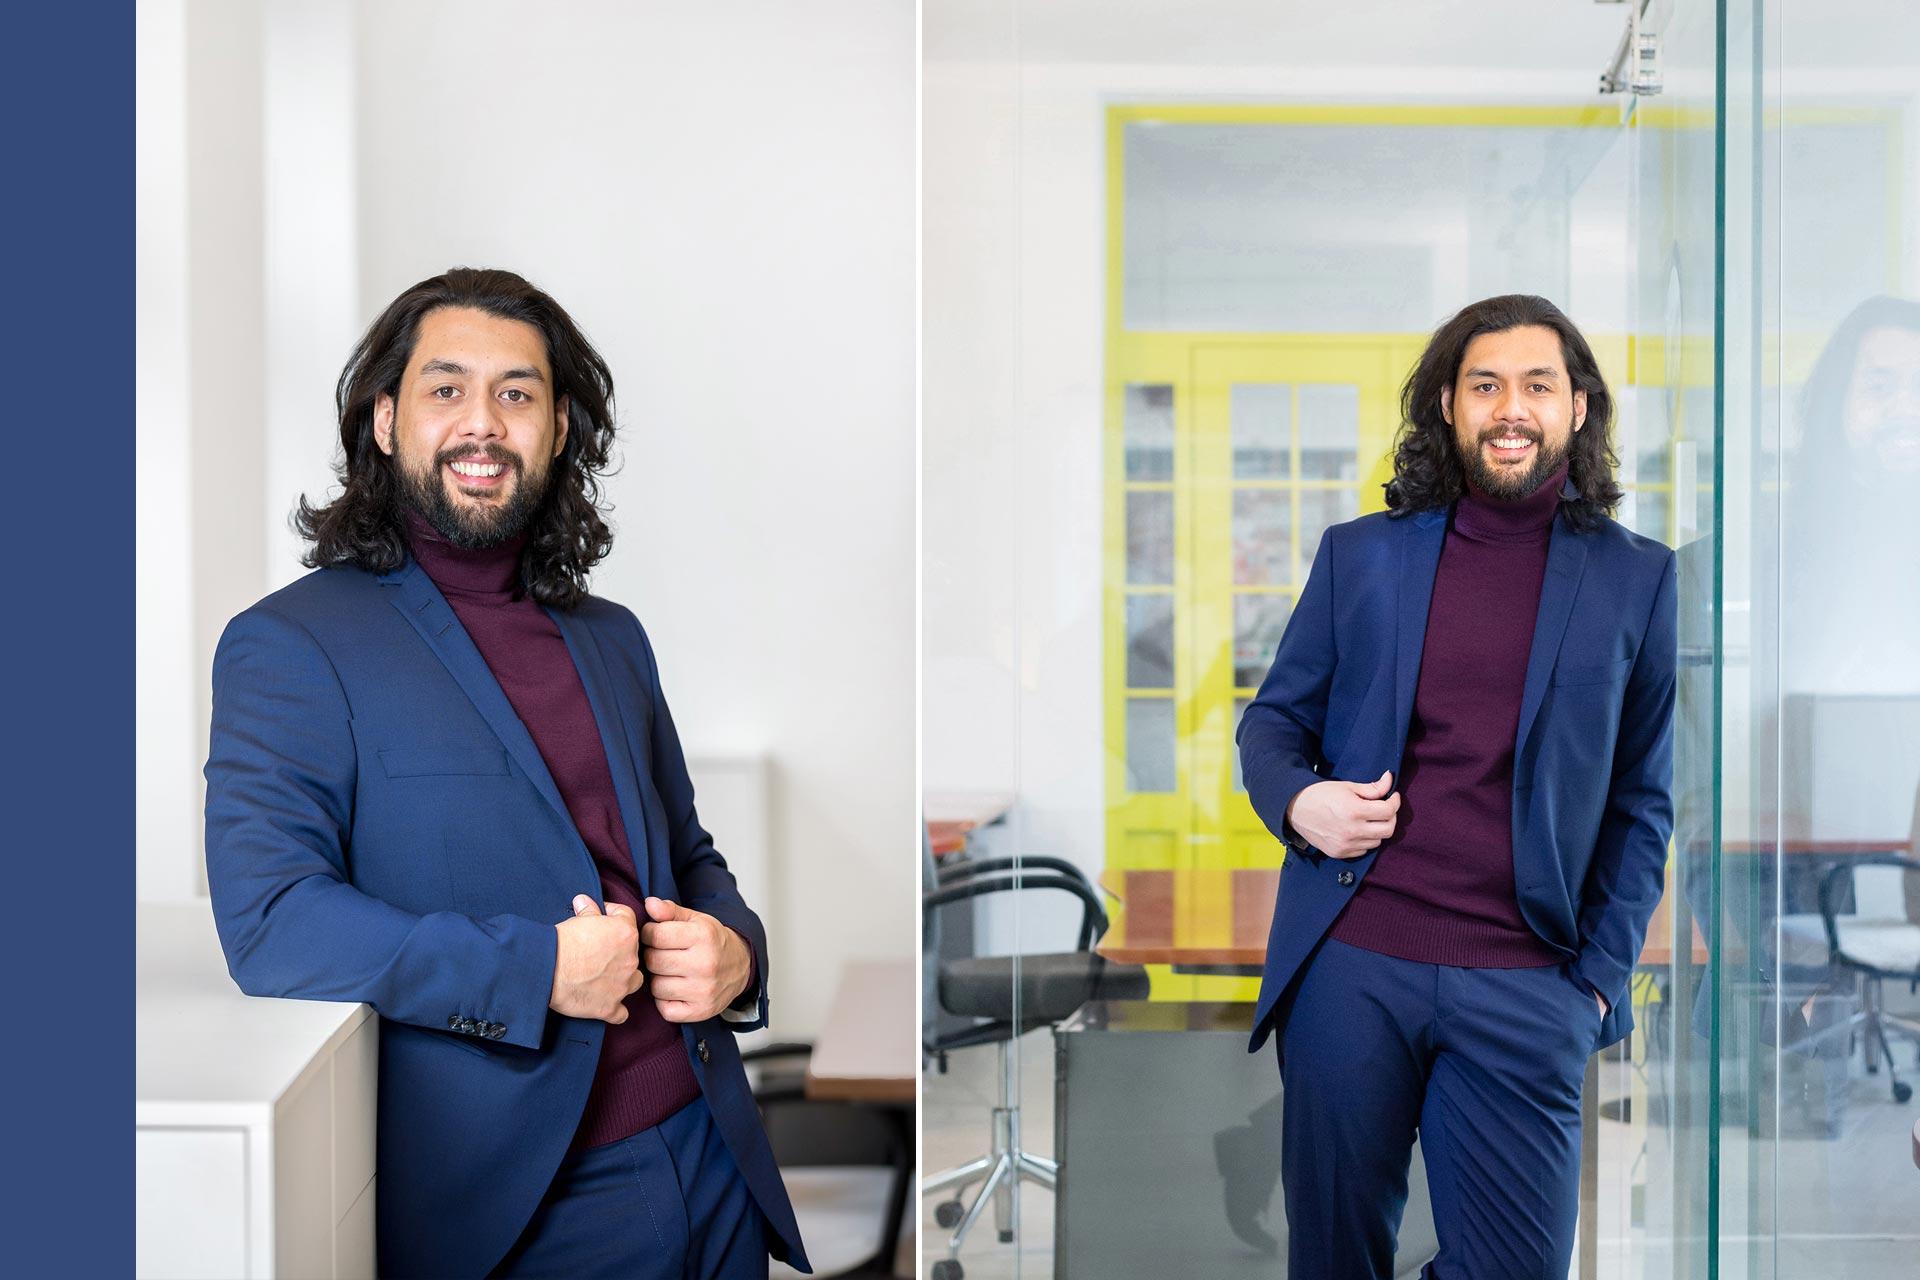 businessfoto-berlin-unternehmer-portrait-IT-start-up